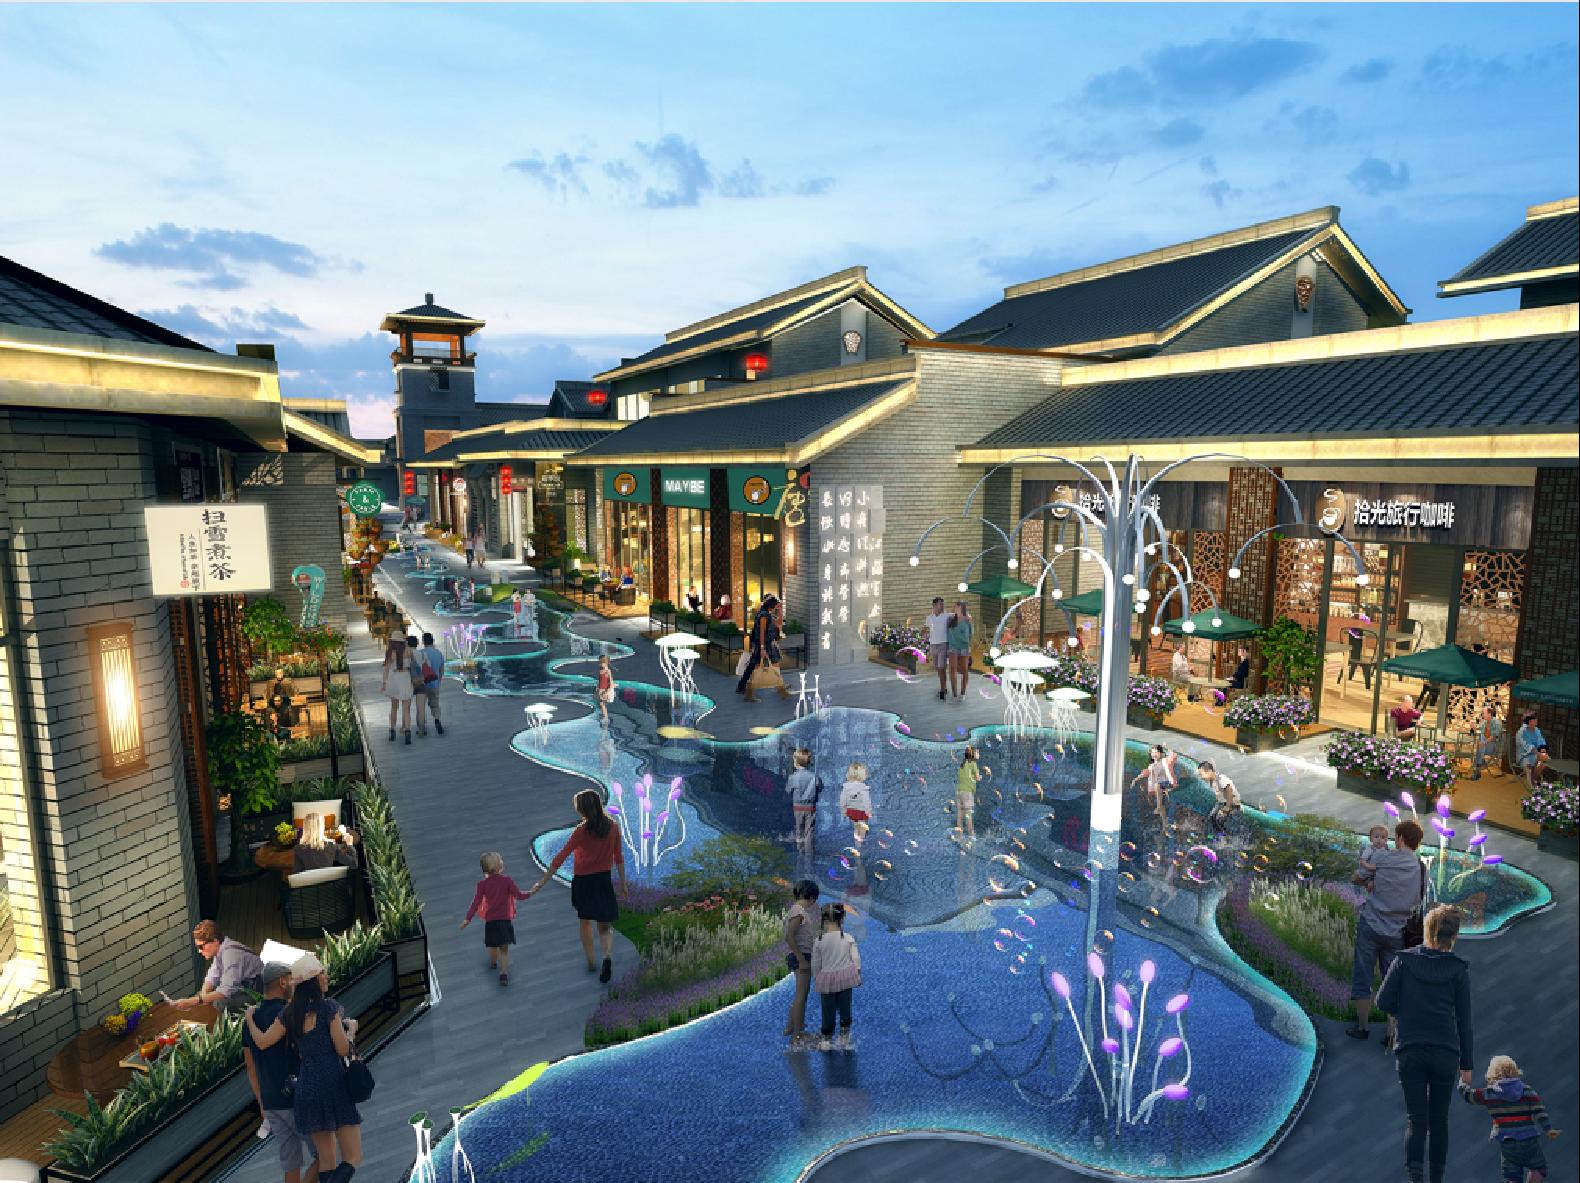 眉山美乐湾国际旅游度假区永乐坊水街